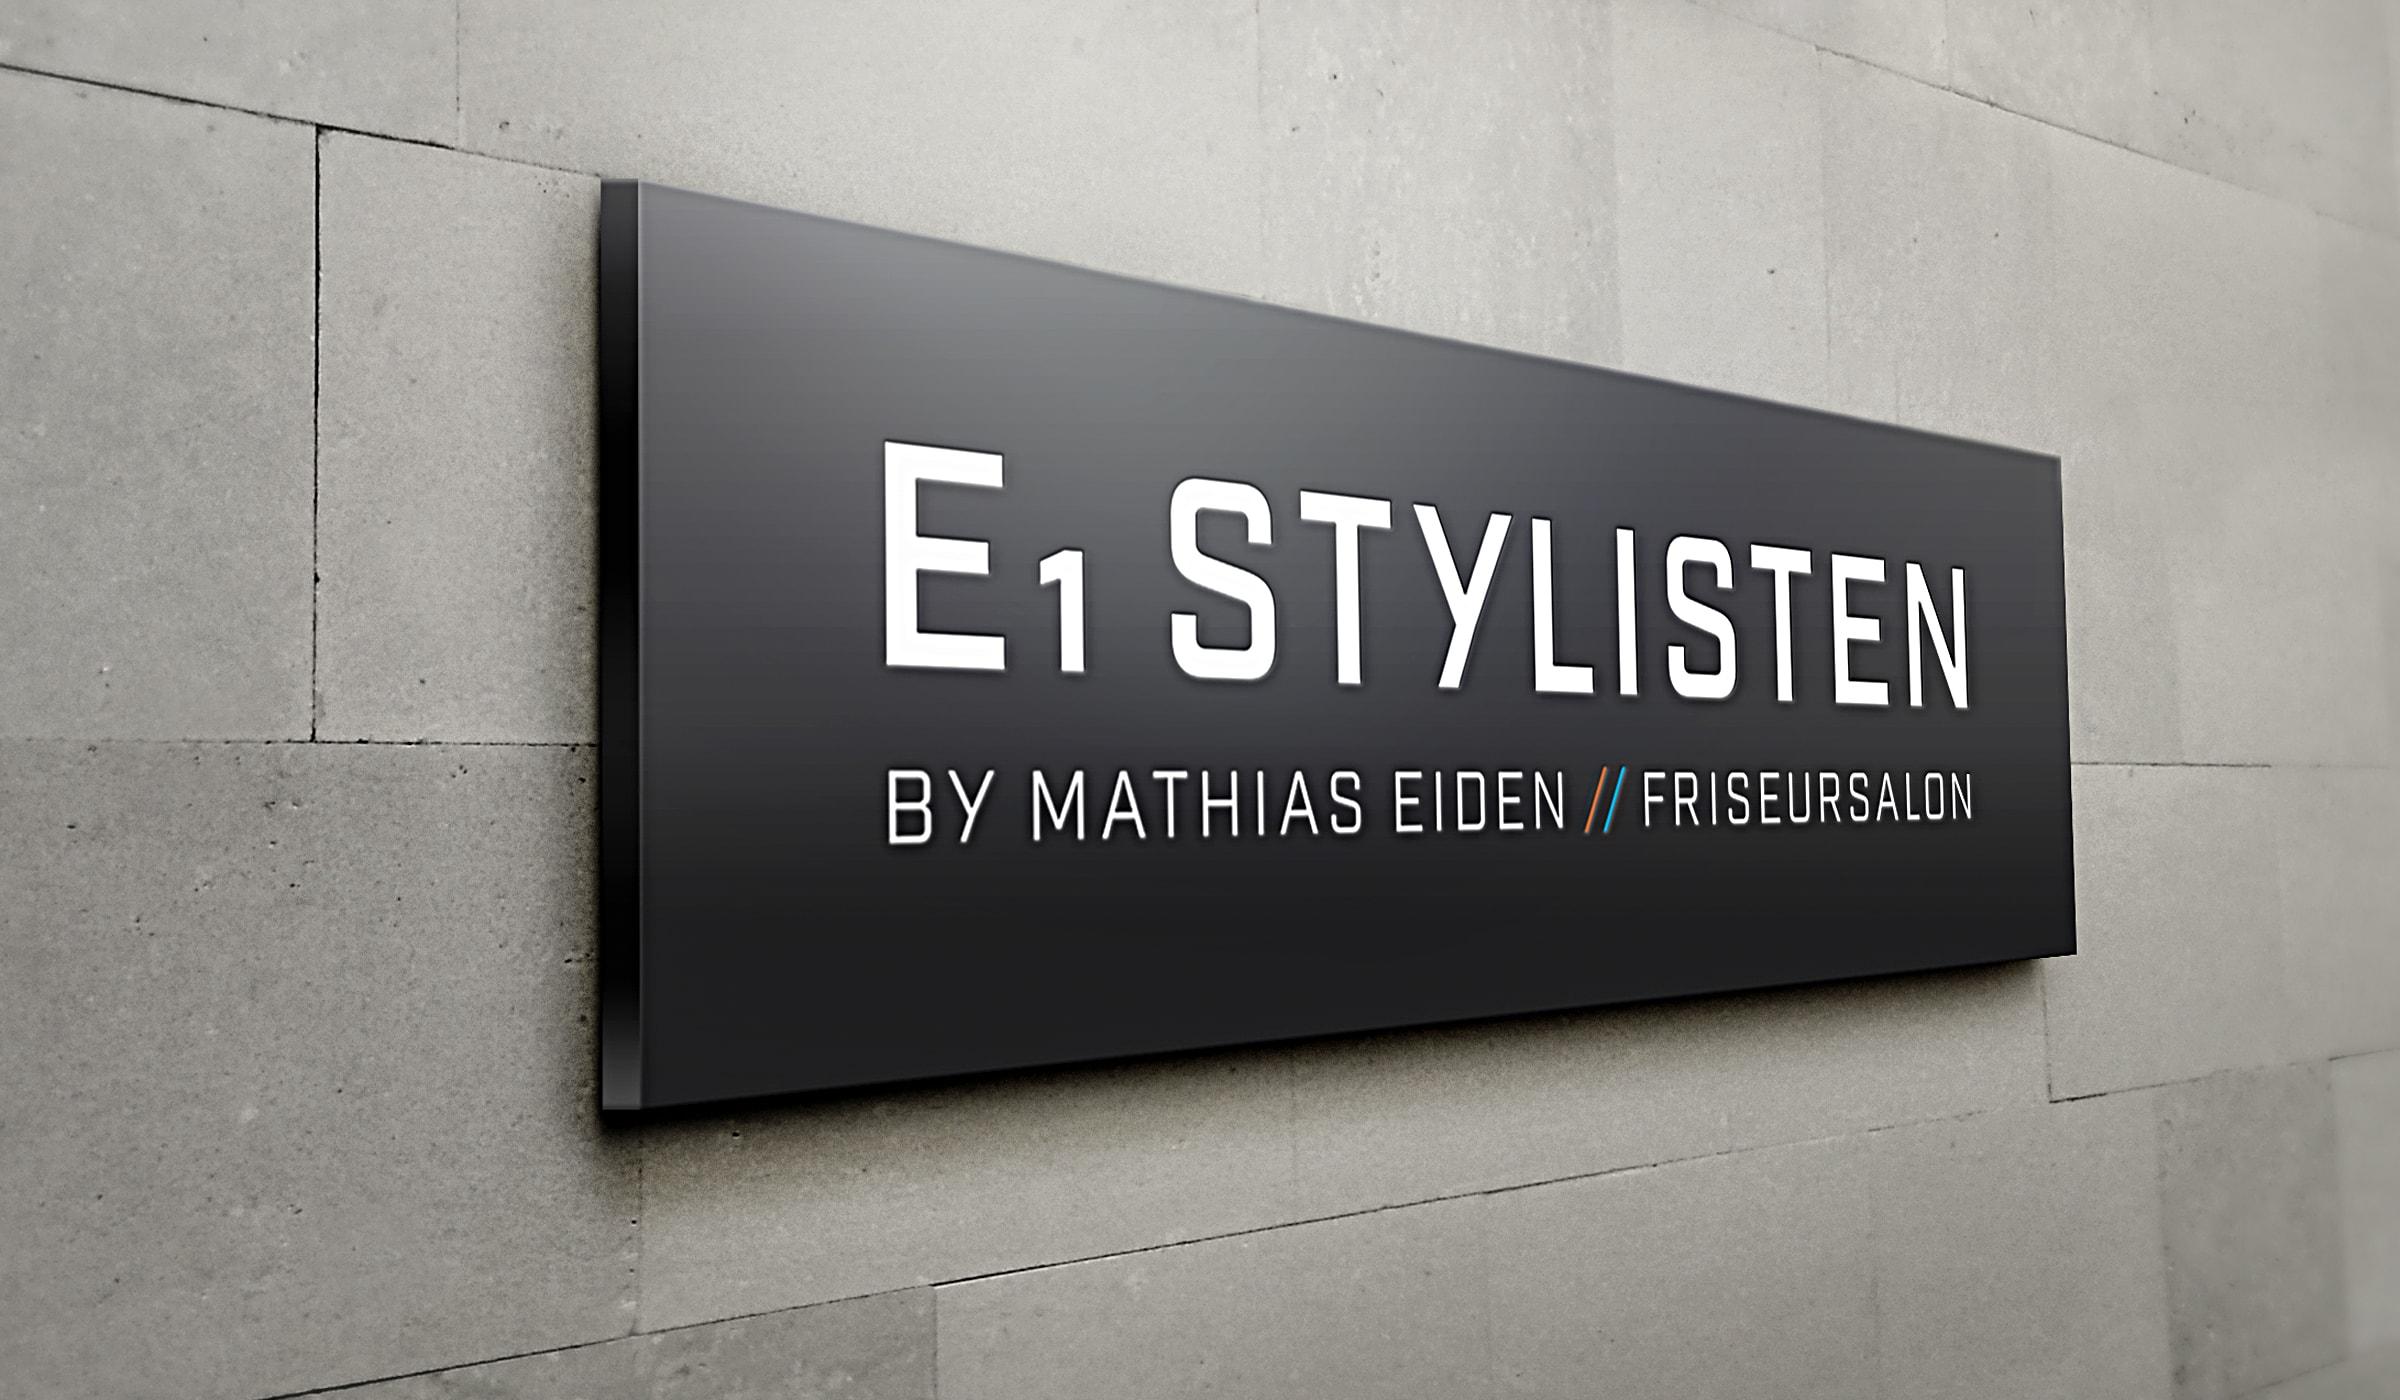 Konzeptarbeit ~ Corporate Design ~ Design Werbeschild // Design Werbeschild Außenfassade // E1 Stylisten